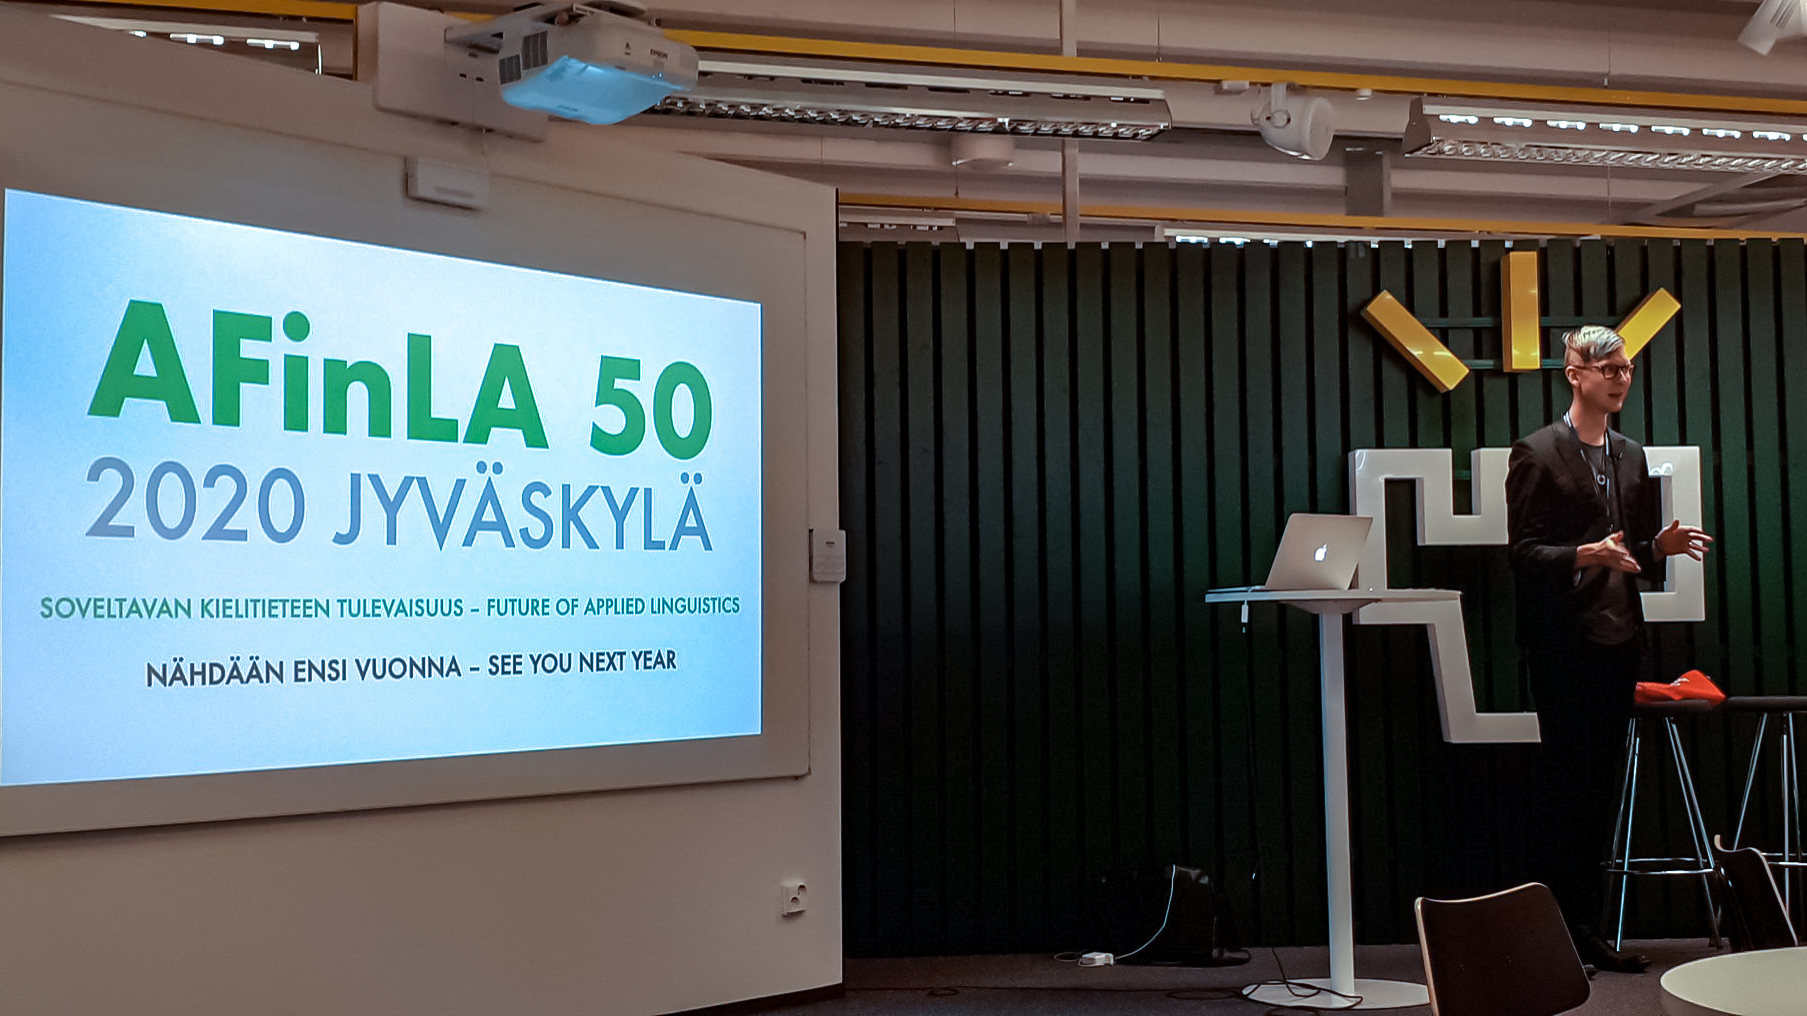 Juha Jalkanen pitämässä puhetta ja taustalla on iso näyttö.